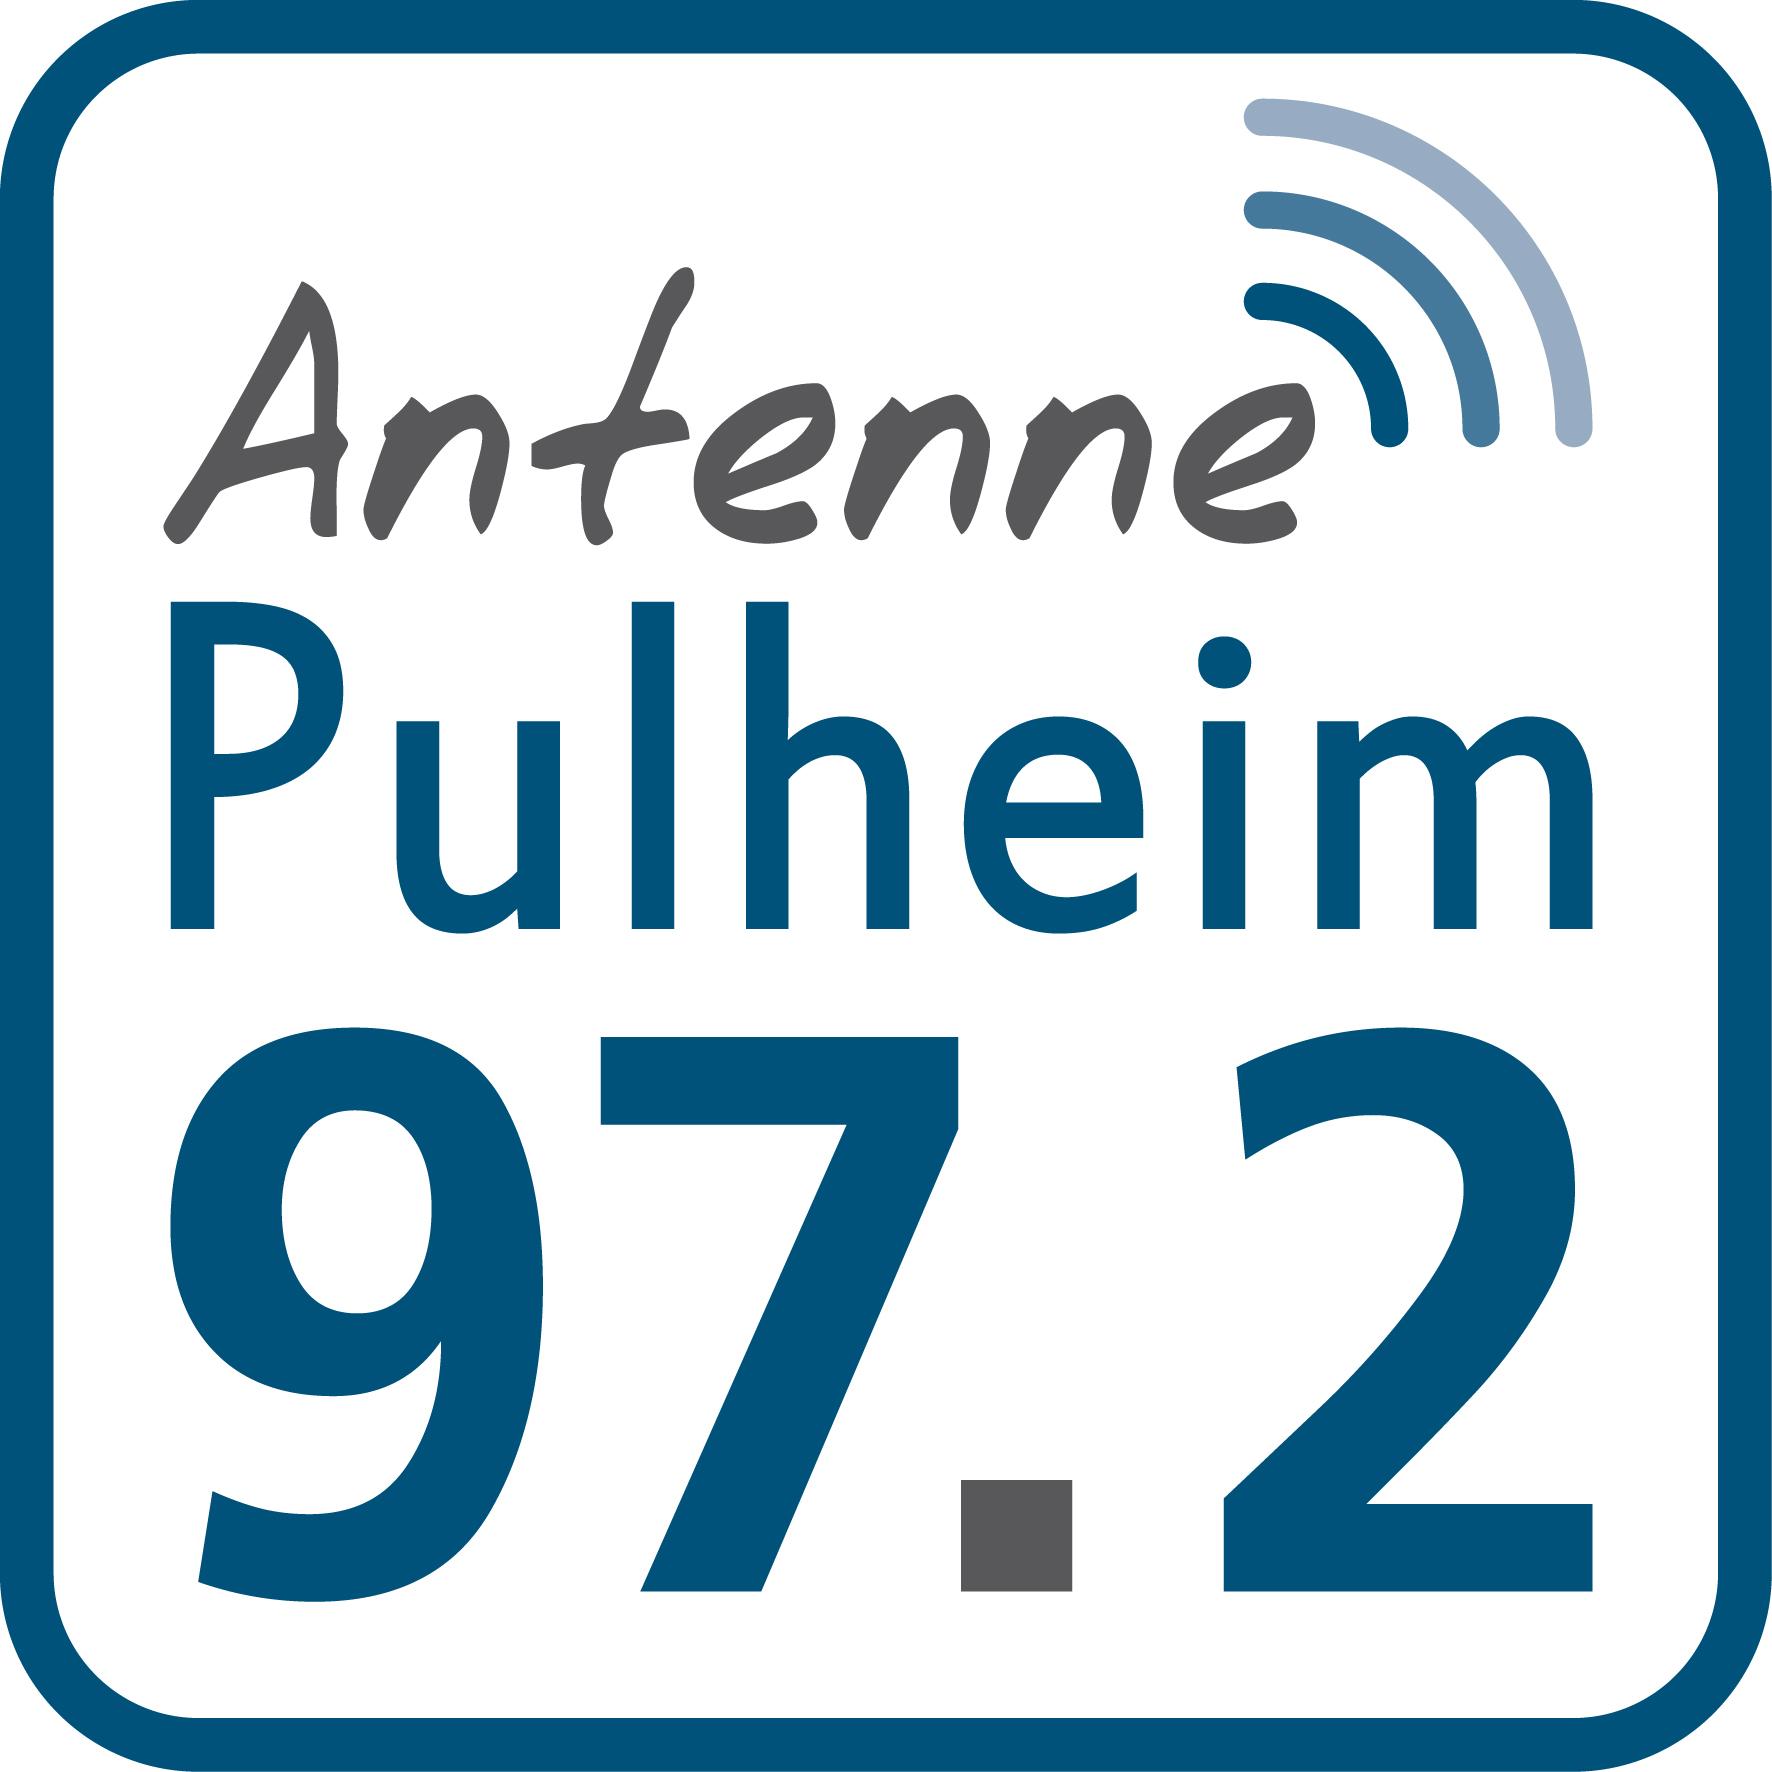 Antenne Pulheim